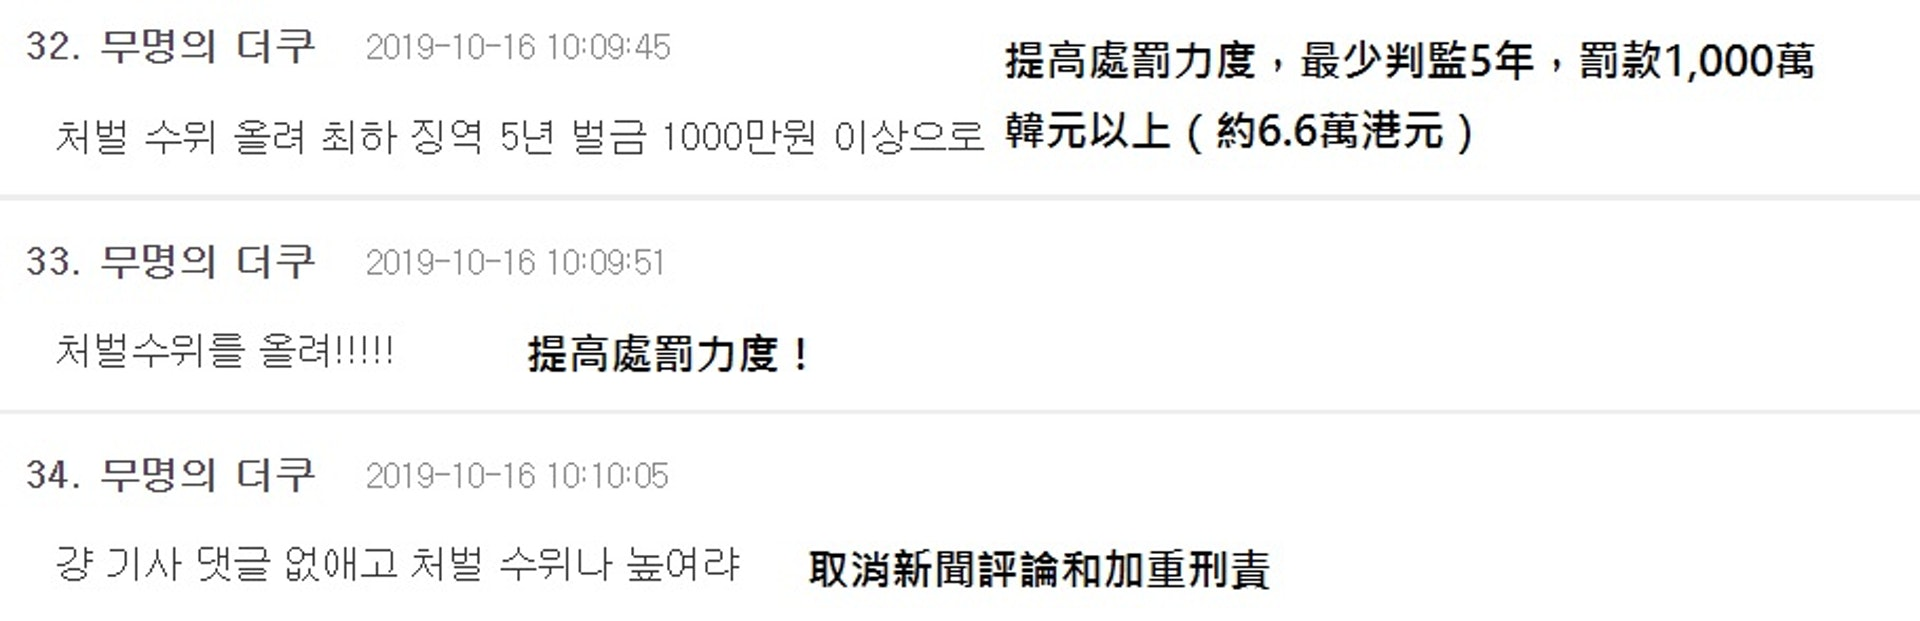 不少韓國網民認為,「雪莉法」必須要加重刑責。(Theqoo截圖)